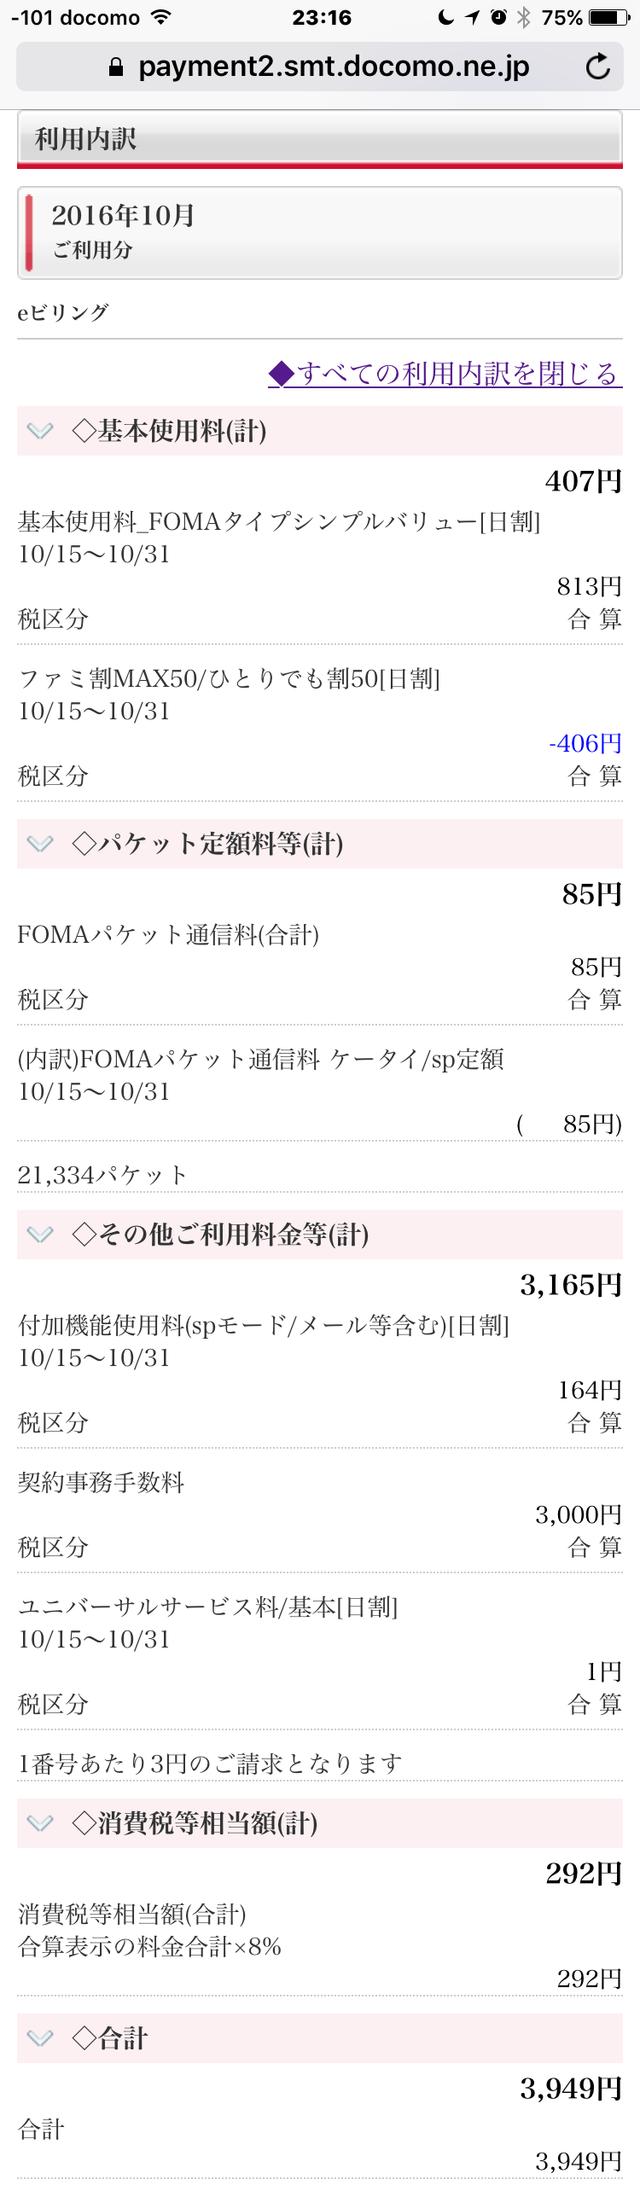 メール imap 設定 ドコモ